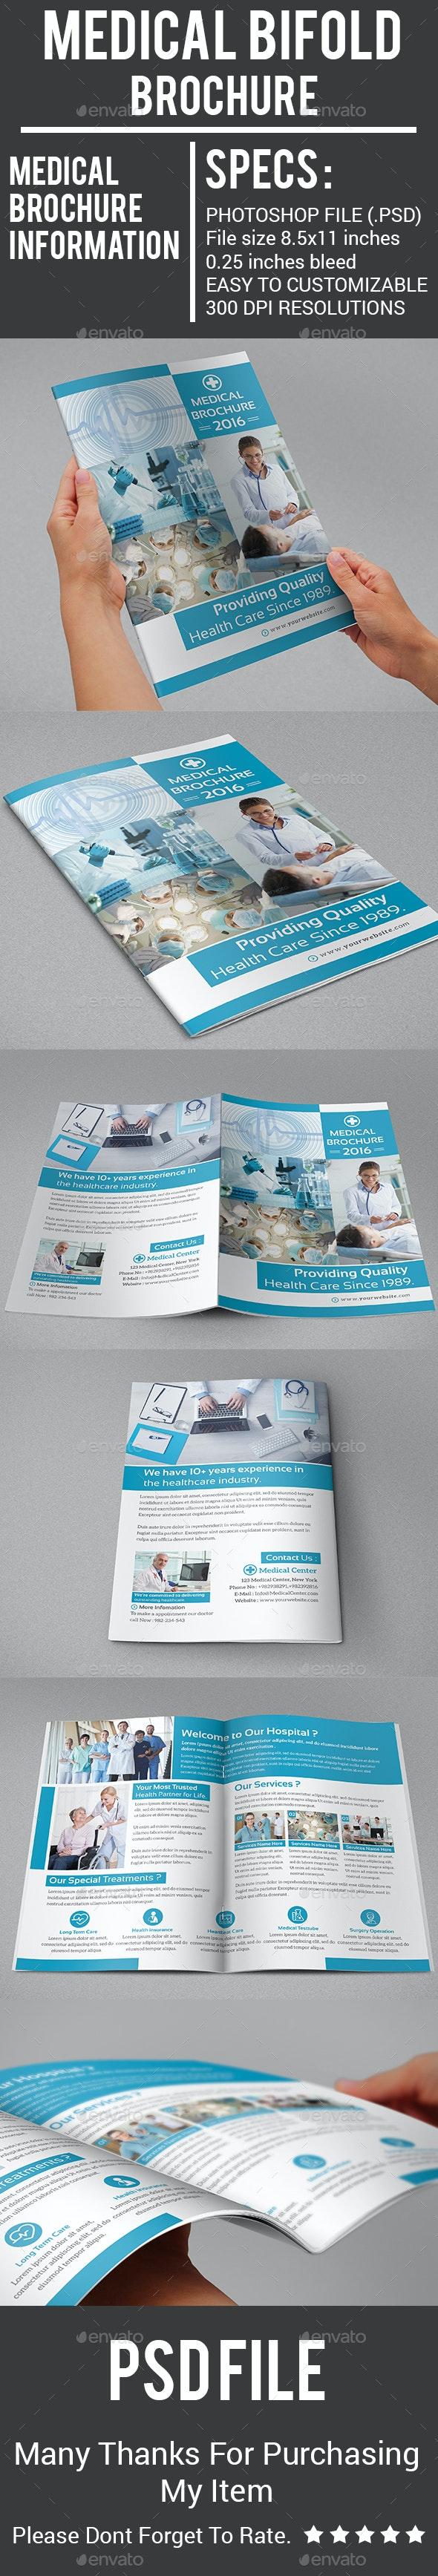 Medical Bifold Brochure - Corporate Brochures